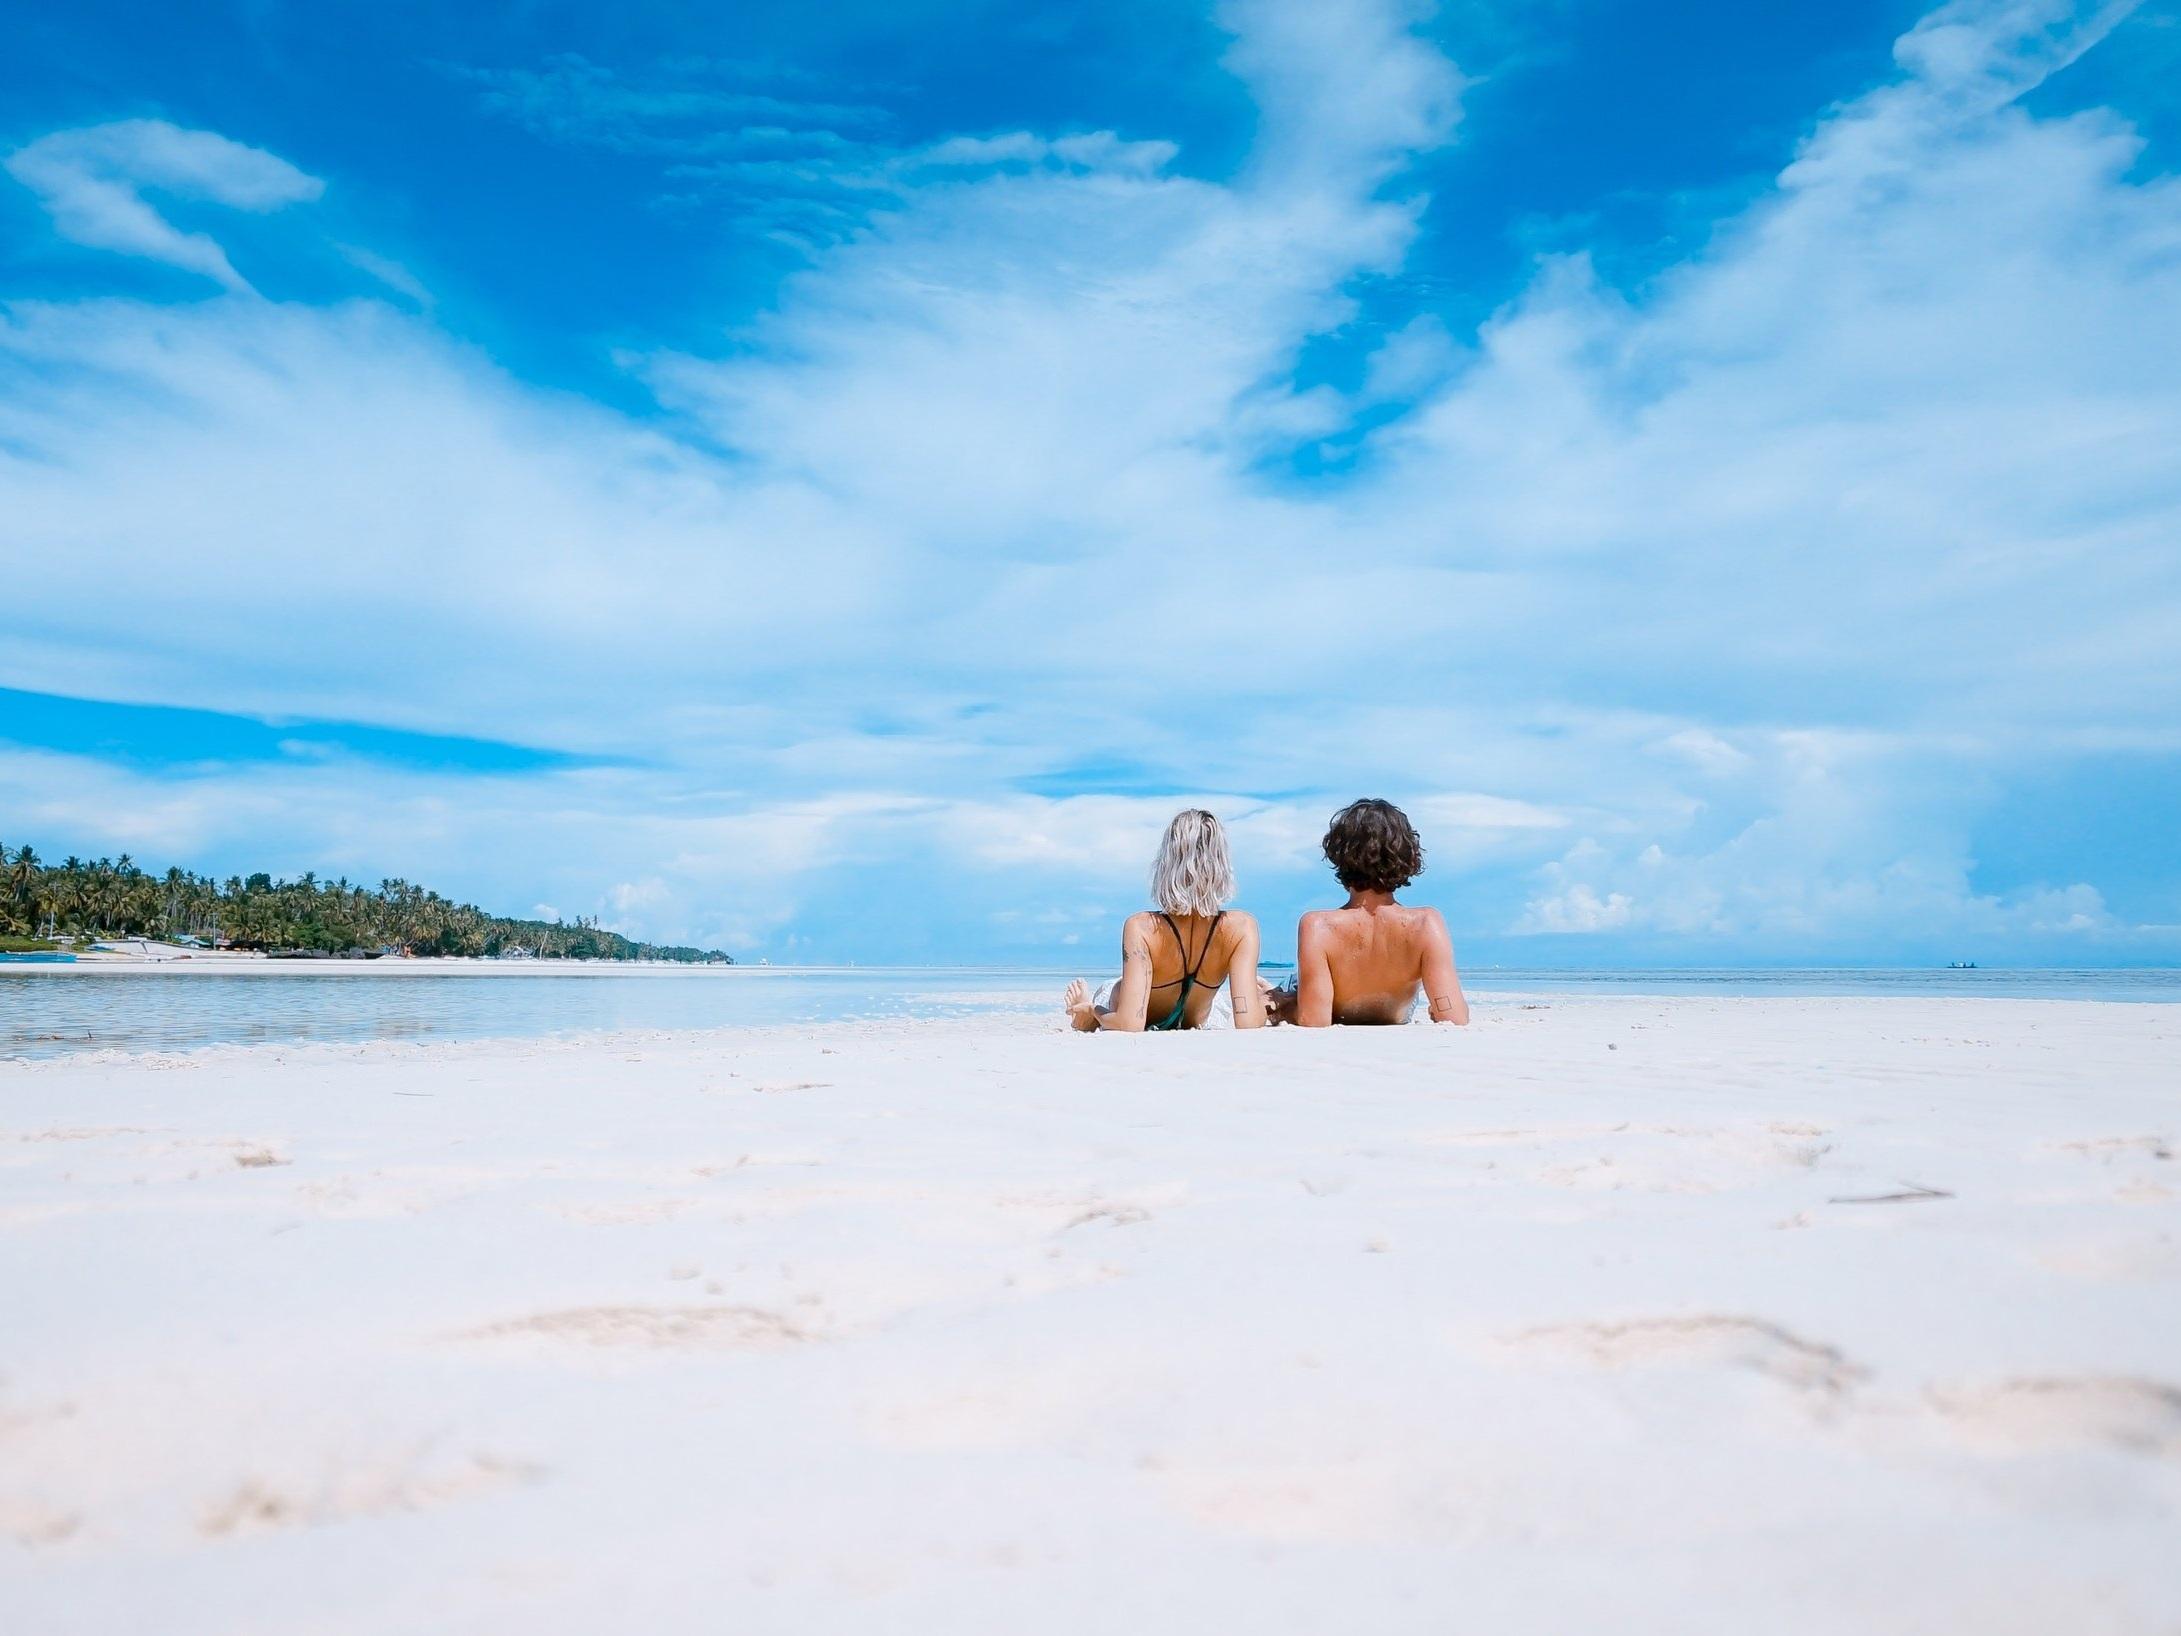 I raggi solari - Sono i principali responsabili dell'invecchiamento cutaneo perché innescano il rilascio dei radicali liberi nel nostro corpo. I raggi UVA penetrano negli strati più profondi della pelle causando invecchiamento precoce. I raggi UVB, invece, generano scottature ed eritemi negli strati più superficiali.